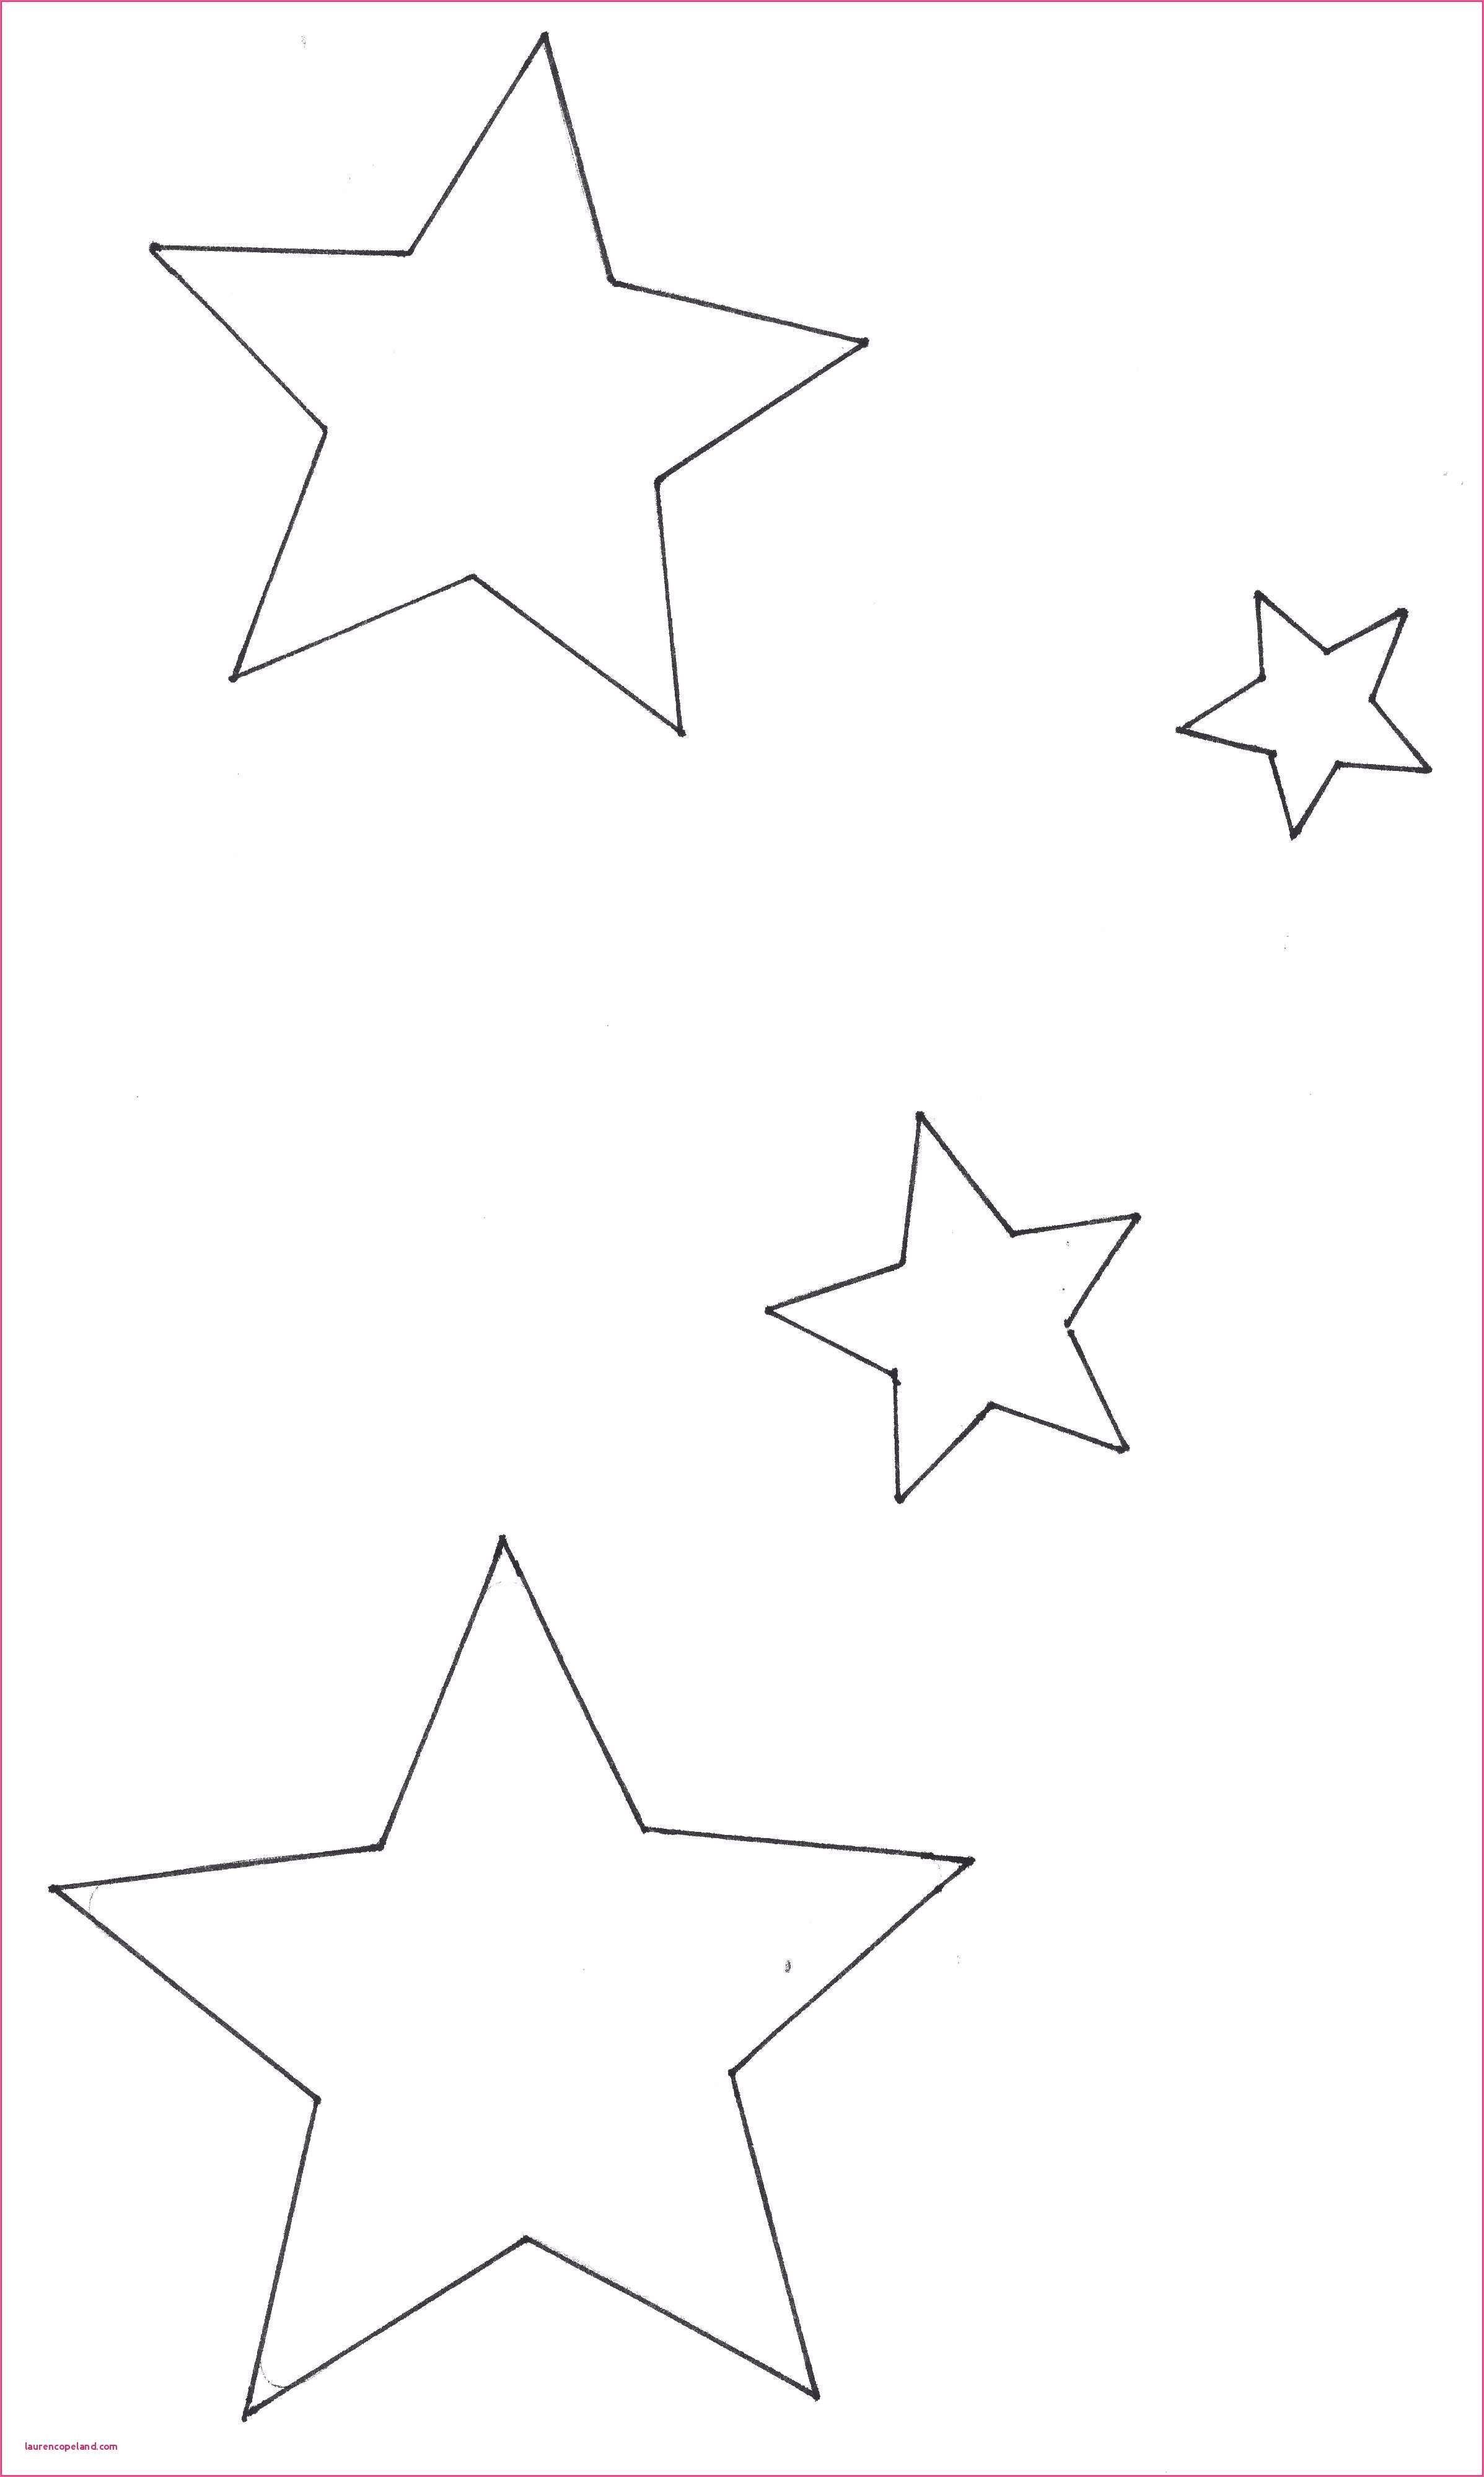 Krone Basteln Vorlage Ausdrucken In 2020 Weihnachtsbaum Vorlage Weihnachten Basteln Vorlagen Sterne Basteln Vorlage